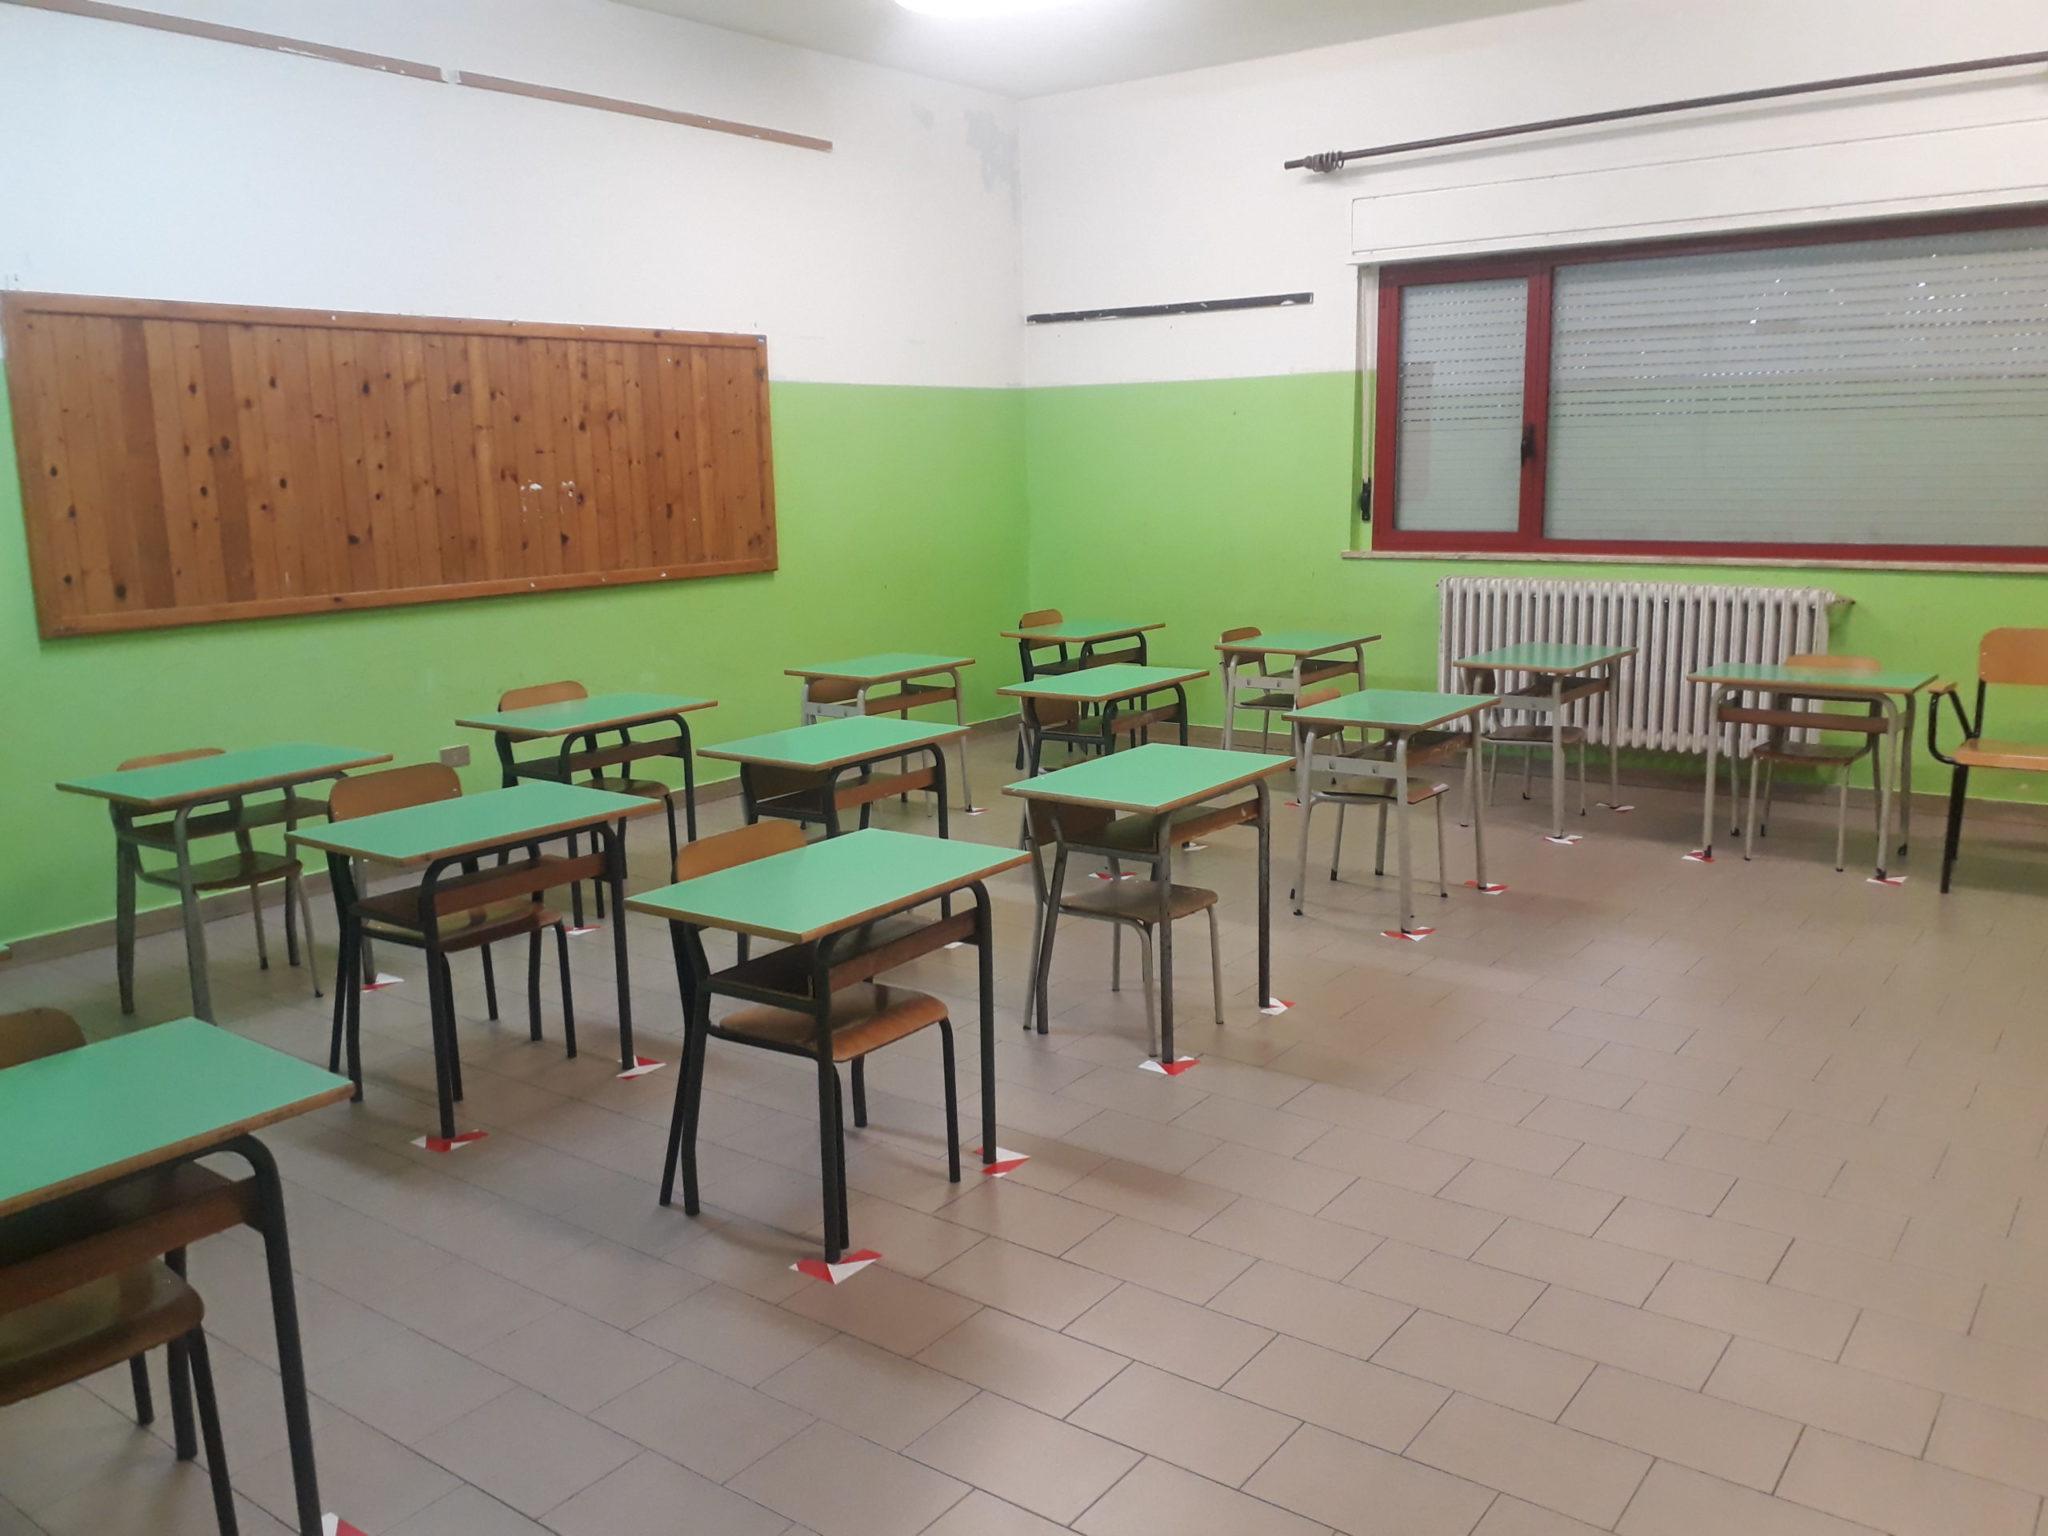 FOTO e VIDEO | Riapertura anno scolastico, anche Martinsicuro è pronta